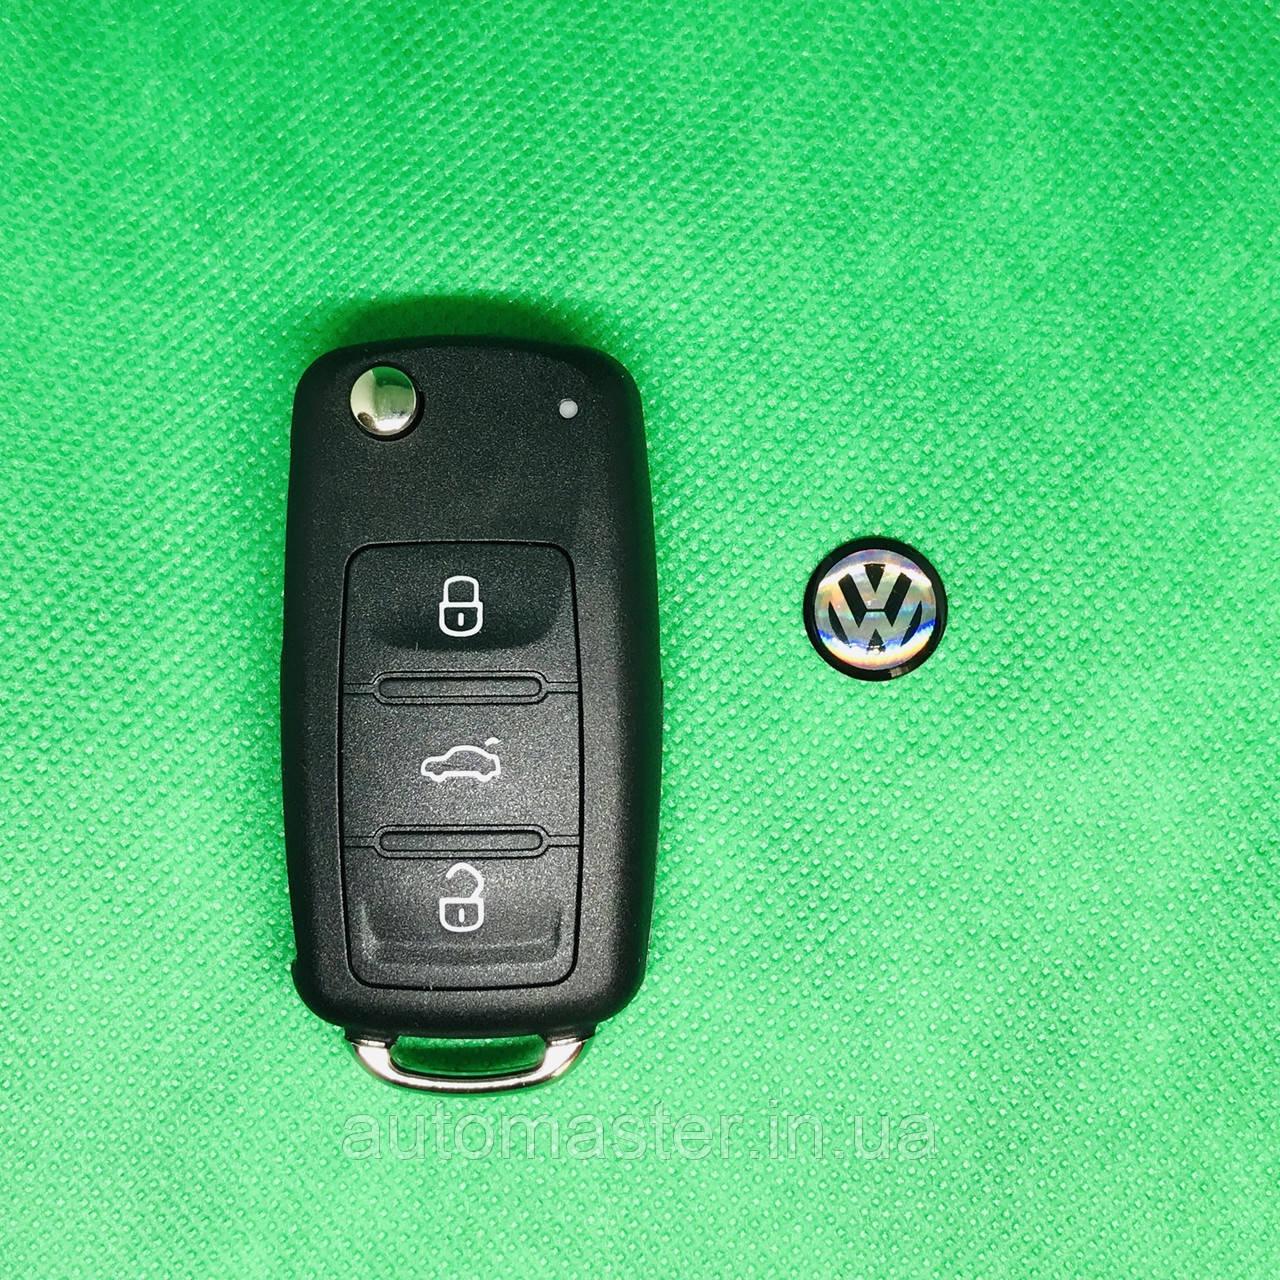 Корпус выкидного авто ключа для VOLKSWAGEN (Фольксваген) Passat, Caddy, Jetta, Golf с 2010 года, 3 - кнопки